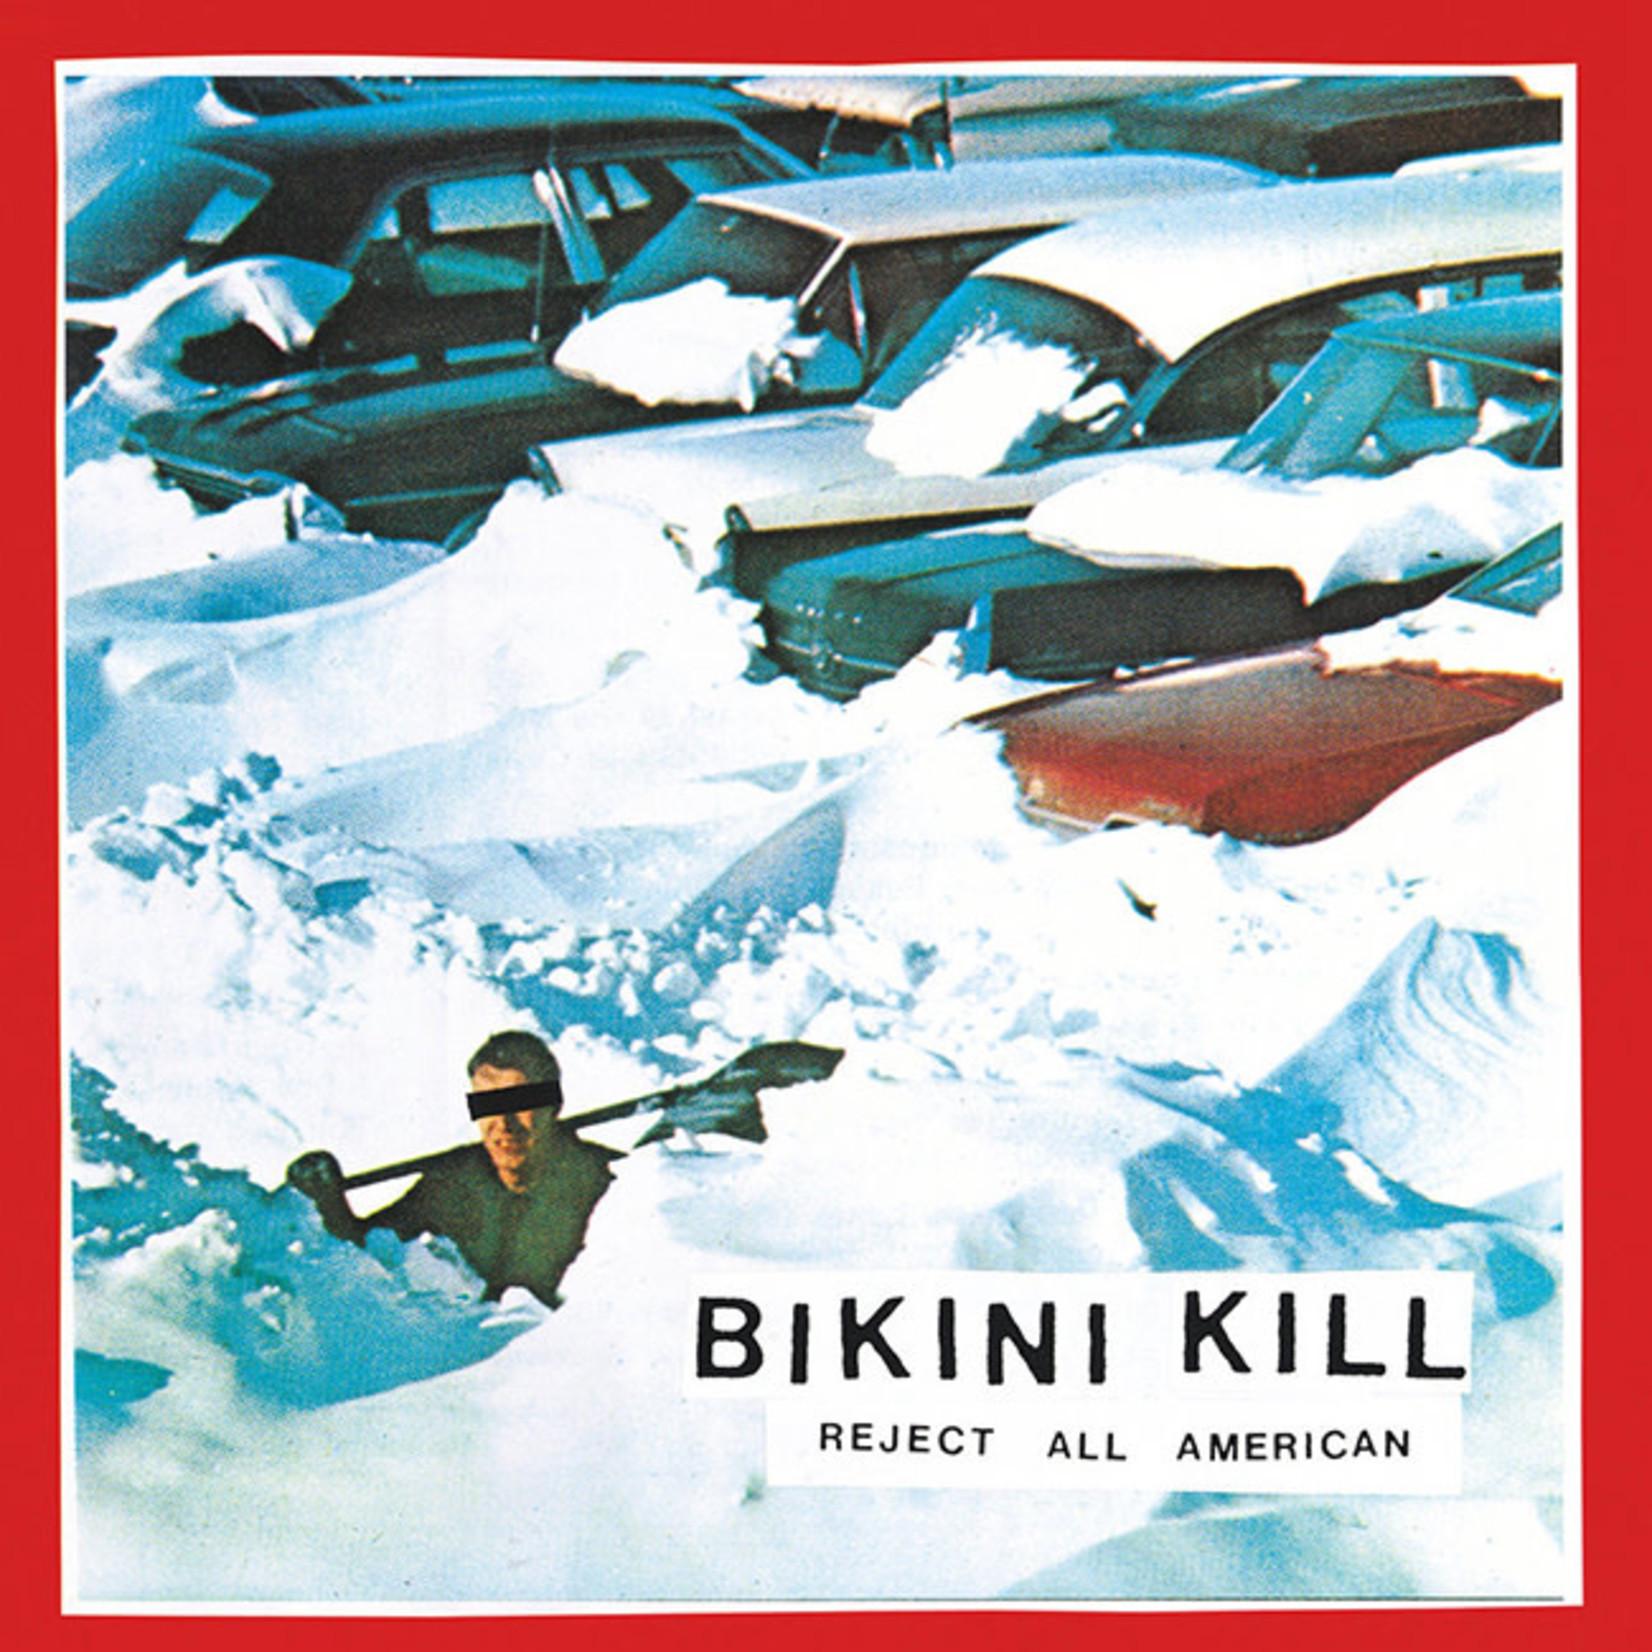 [New] Bikini Kill: Reject All American